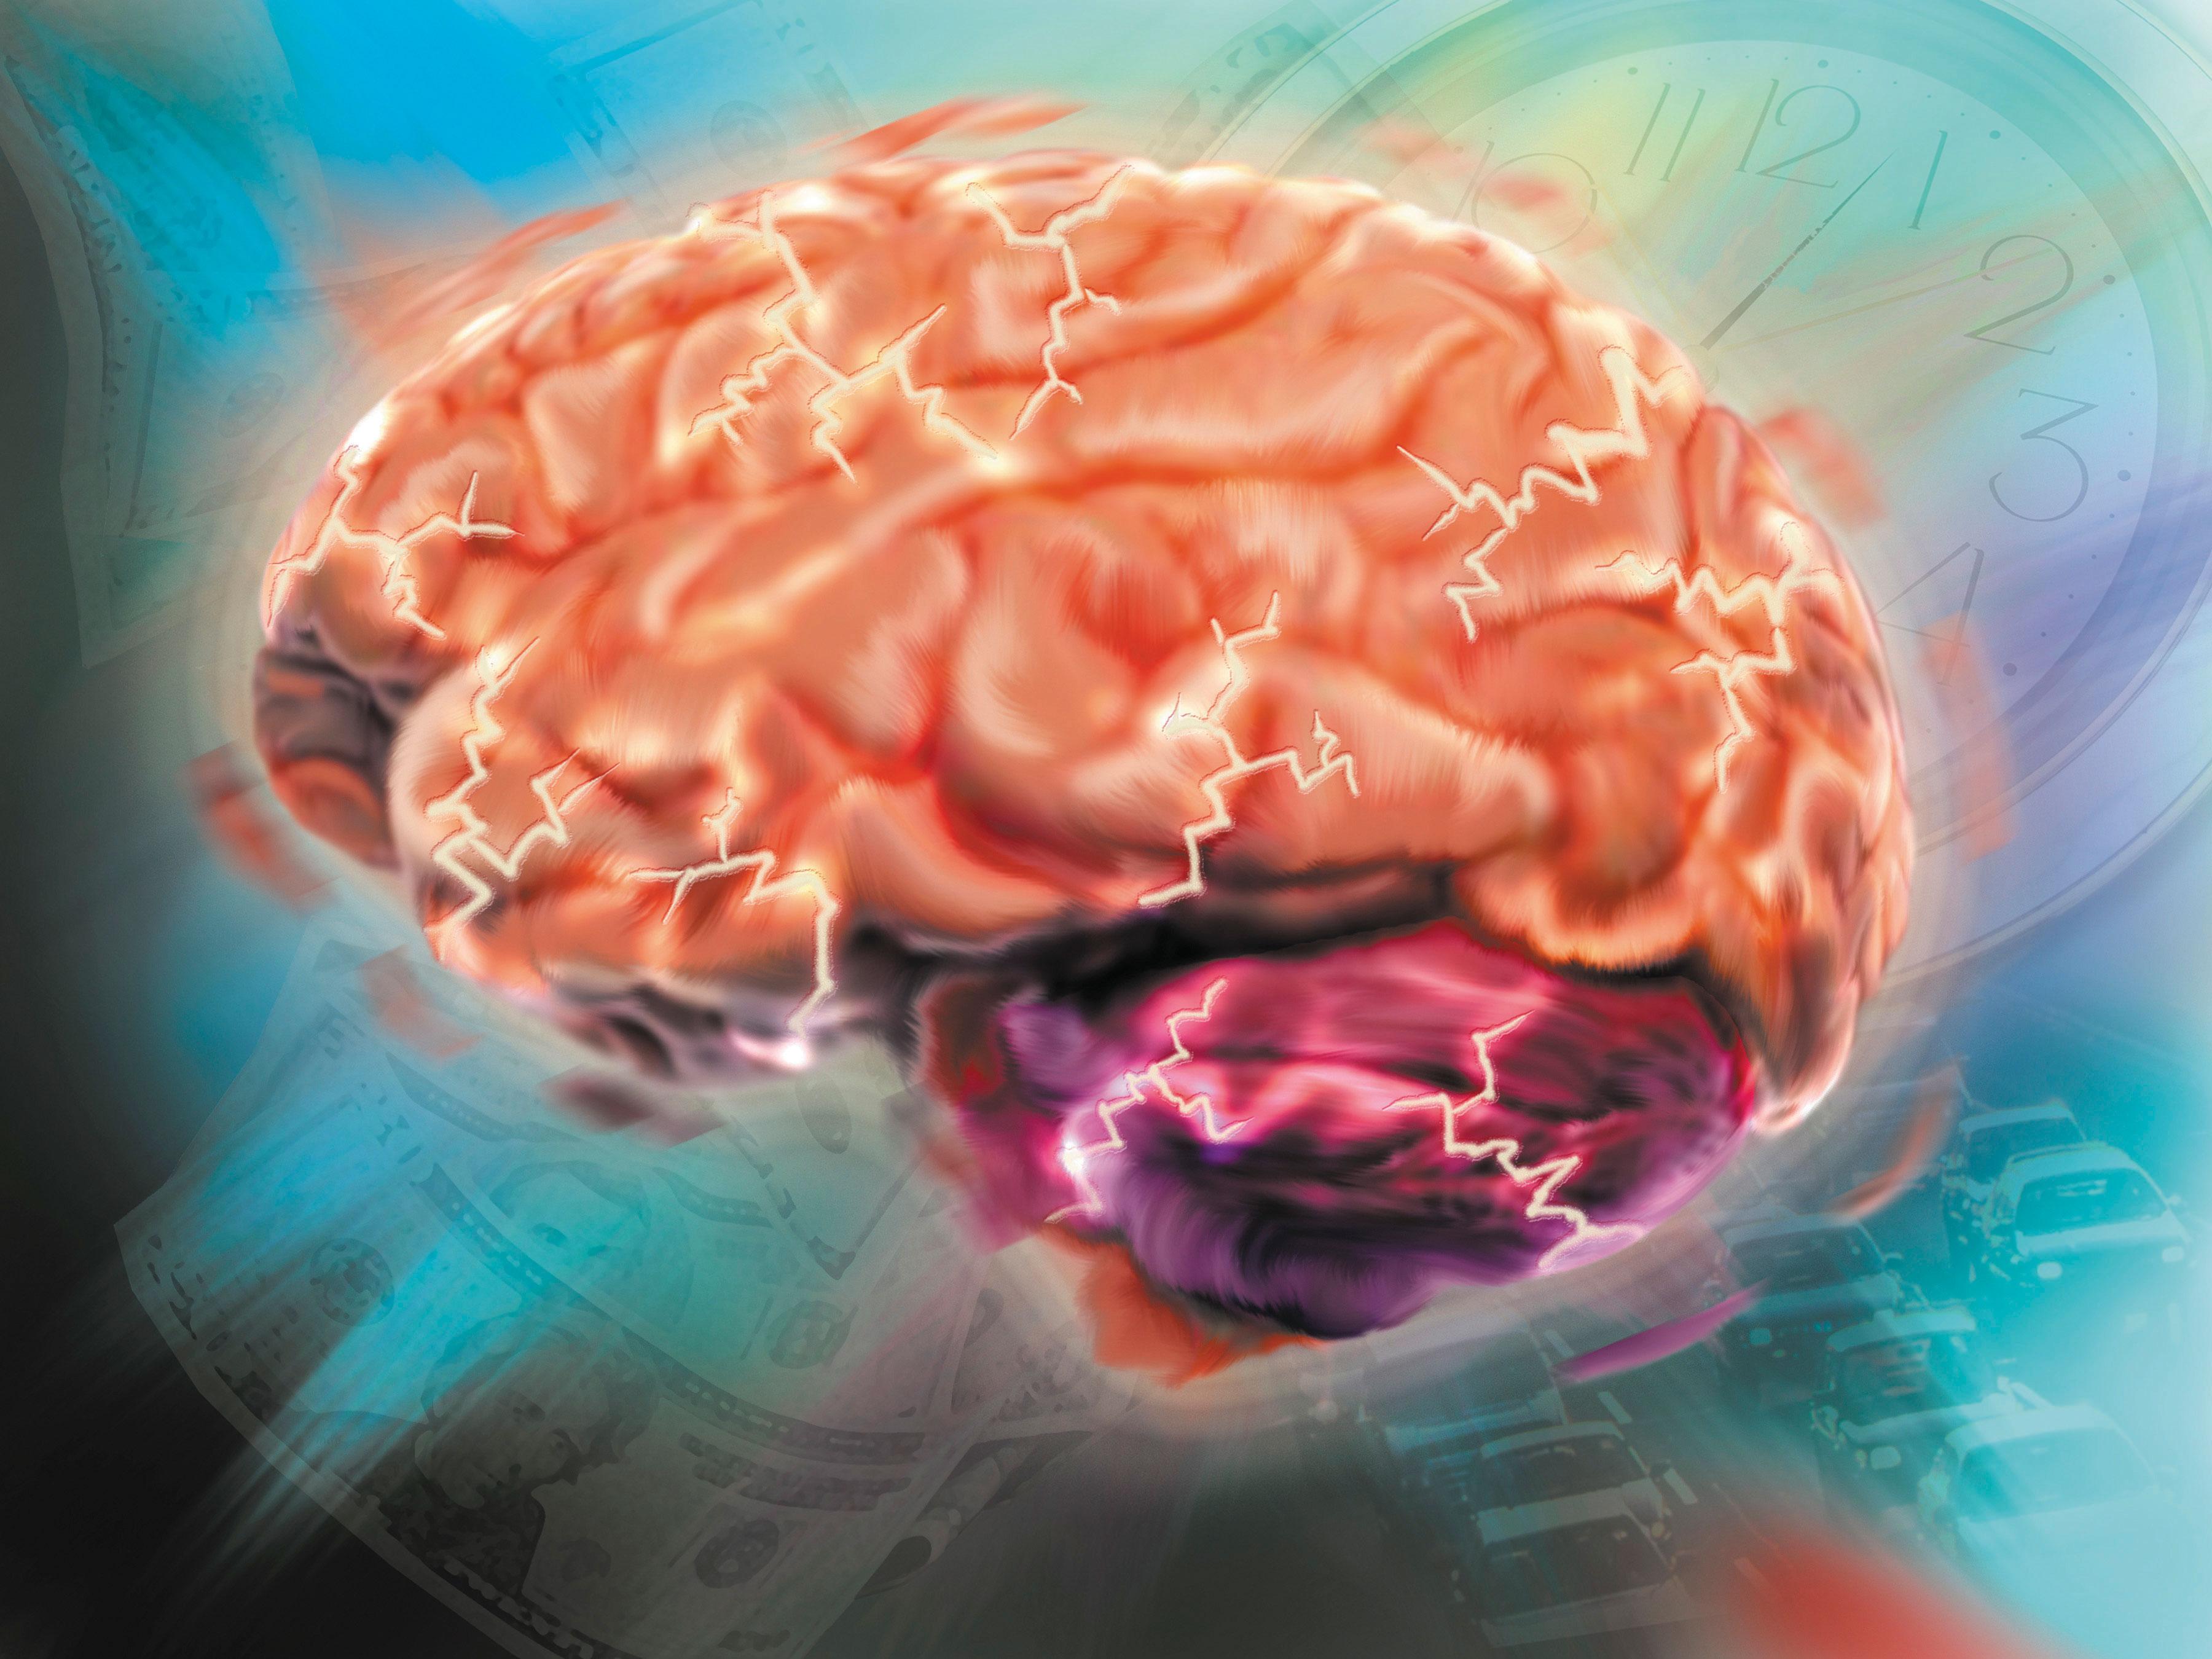 Отек головного мозга: симптомы и причины, лечение, последствия и прогноз жизни